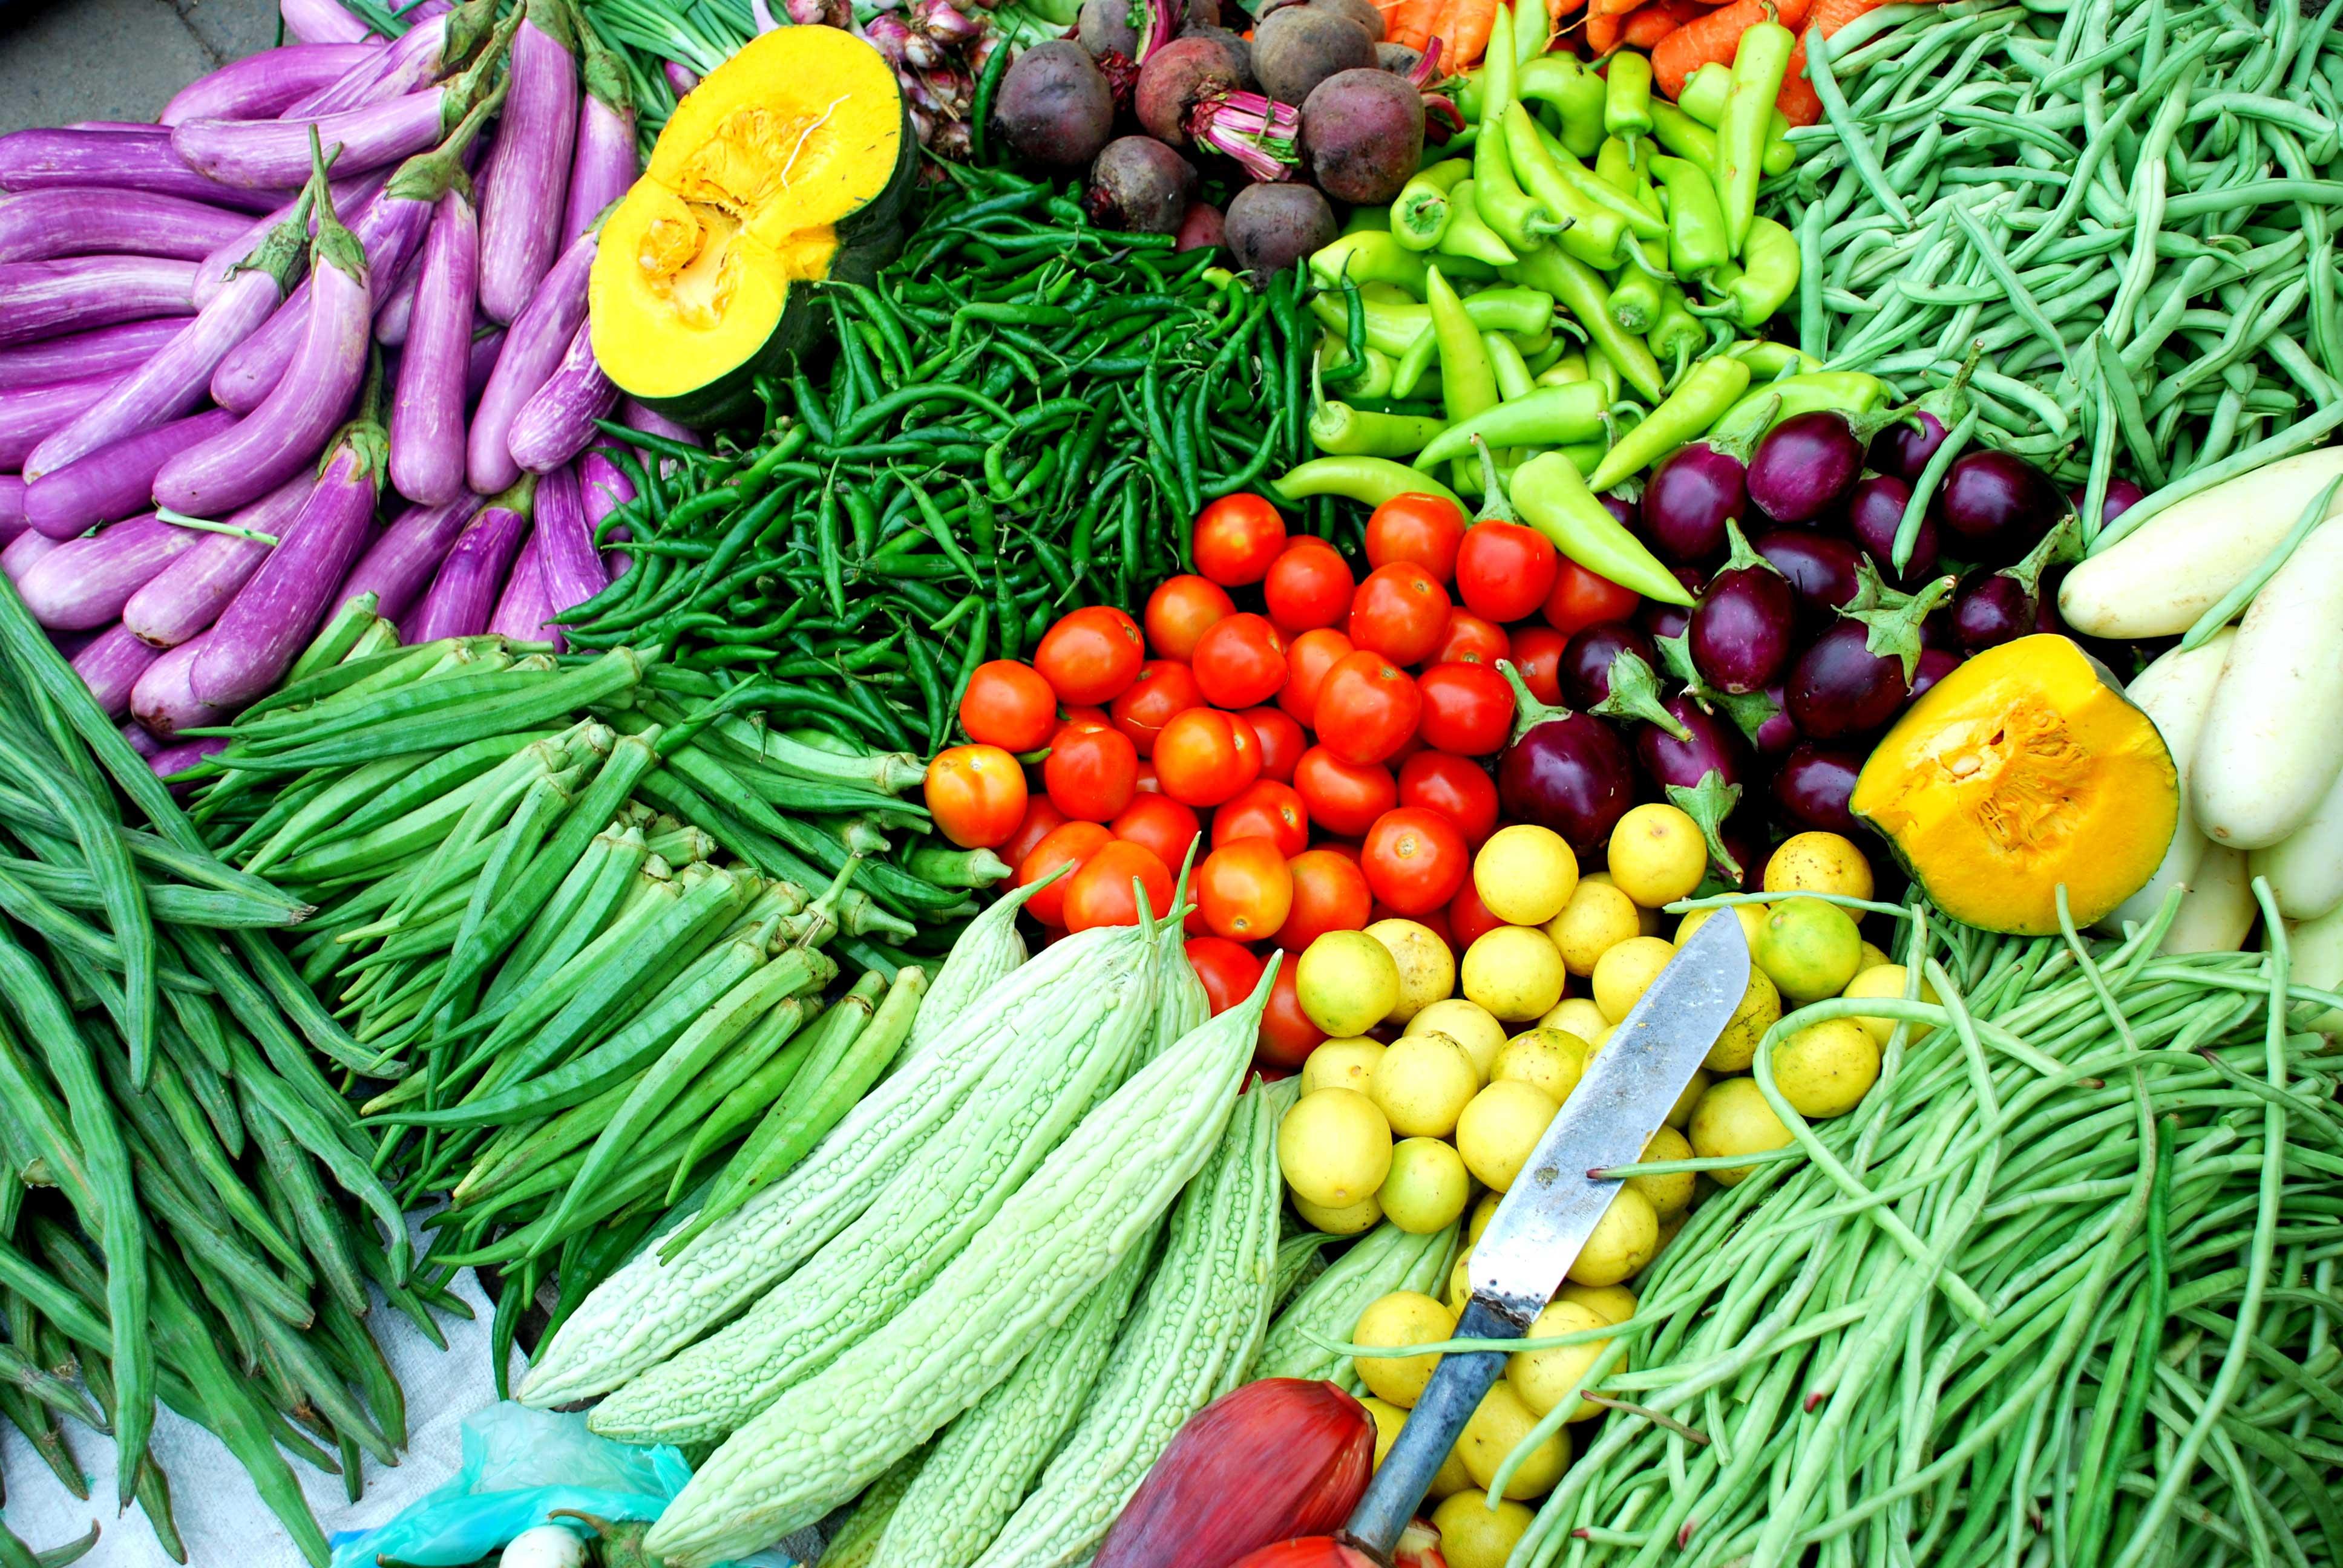 Hình ảnh đẹp các loại rau củ quả